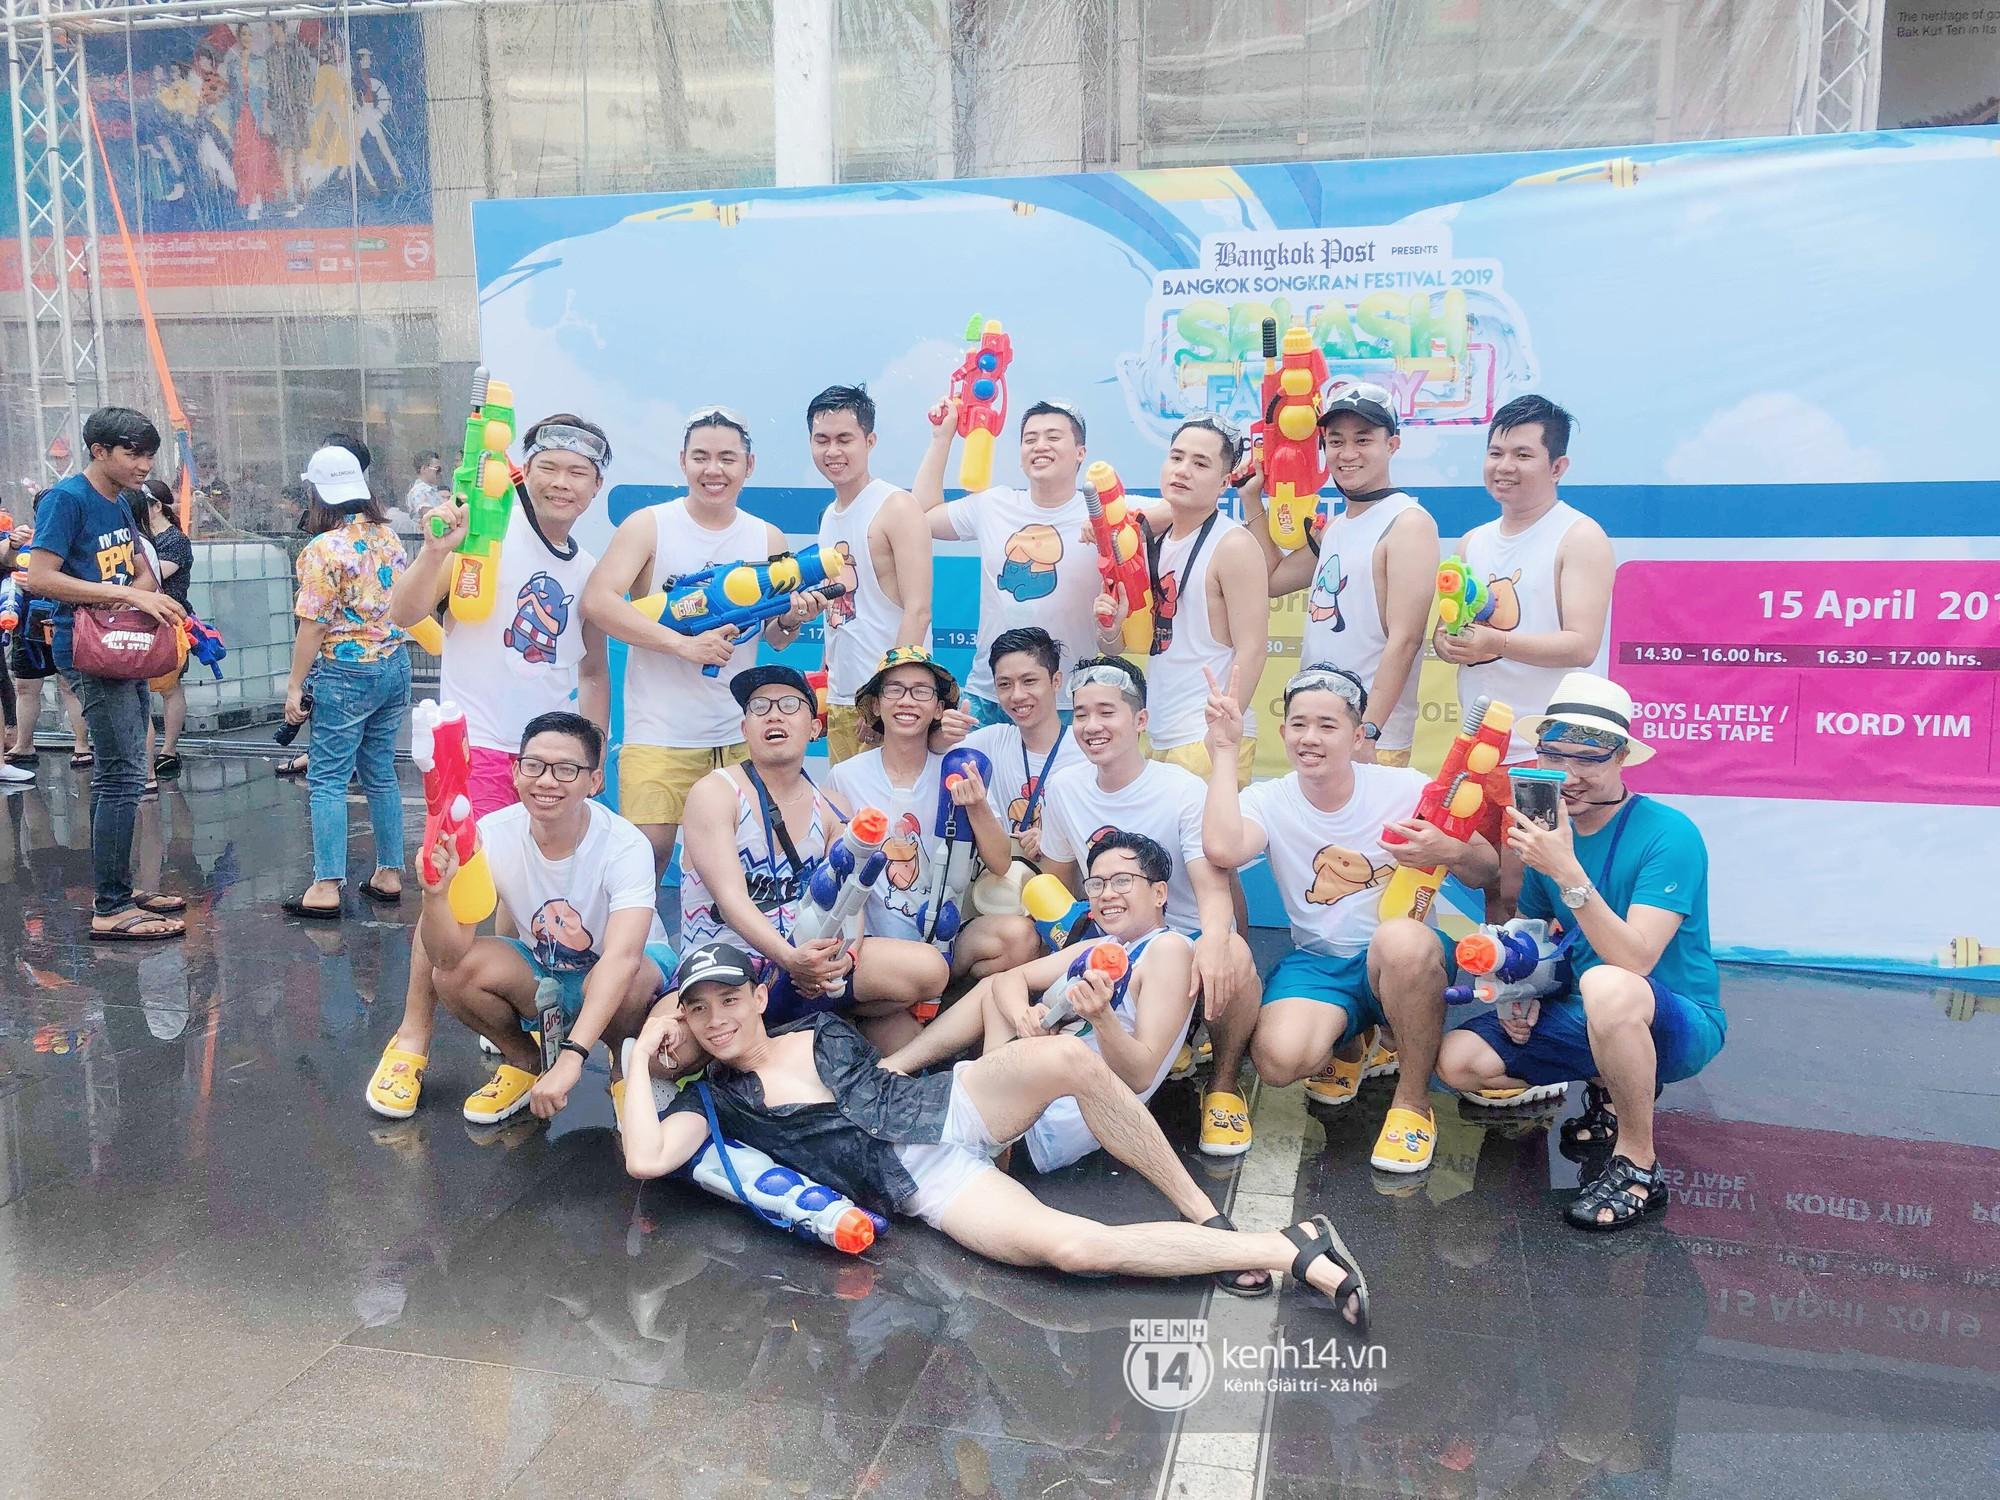 Hàng ngàn bạn trẻ Việt đang đổ về Bangkok để hoà vào dòng người chơi té nước Songkran! - Ảnh 14.